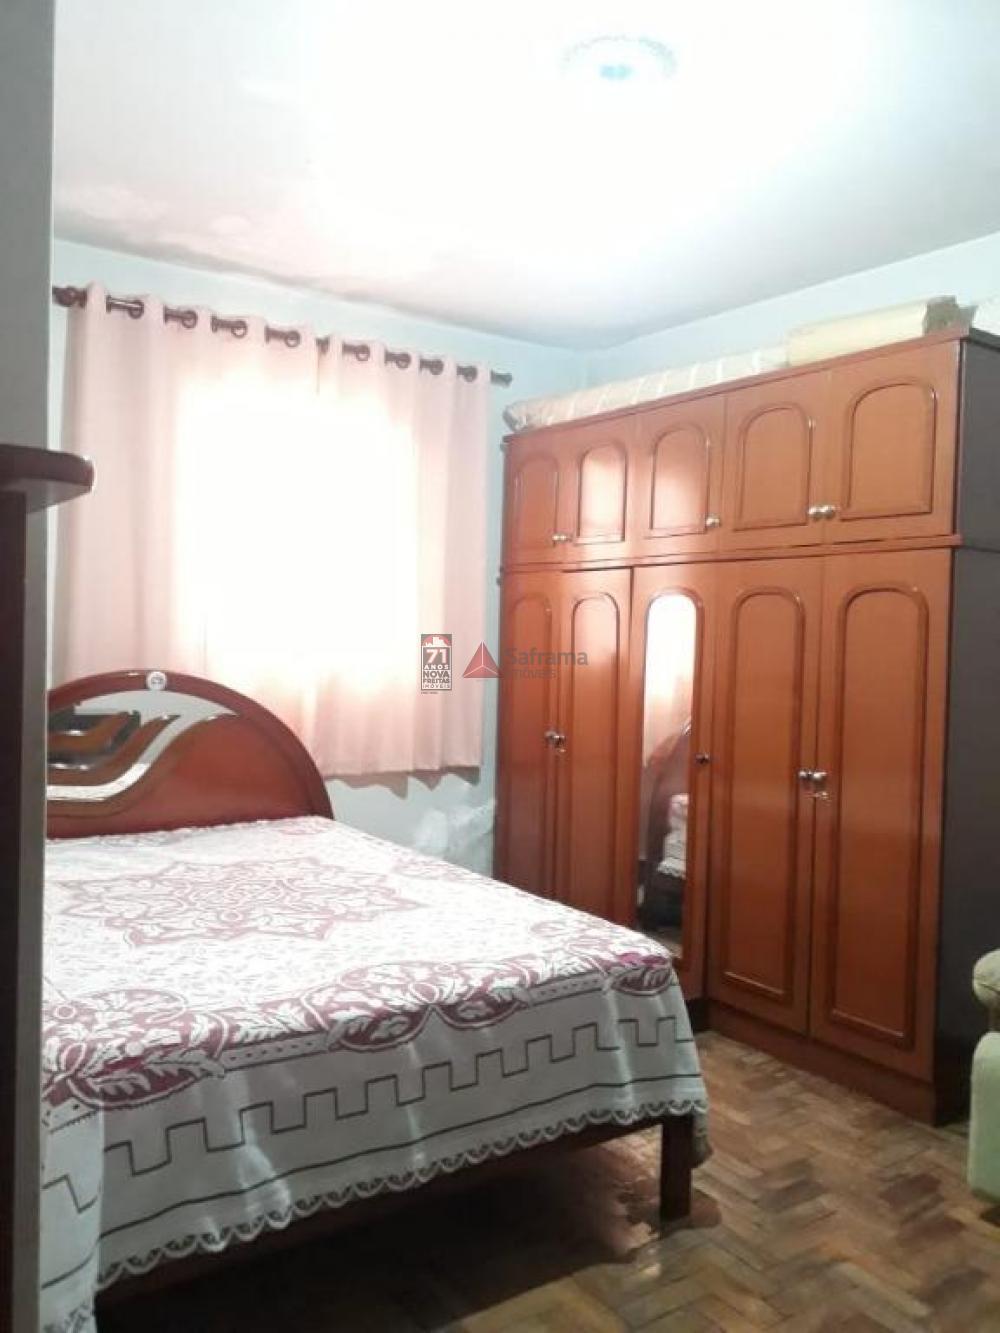 Comprar Casa / Padrão em São José dos Campos R$ 600.000,00 - Foto 10